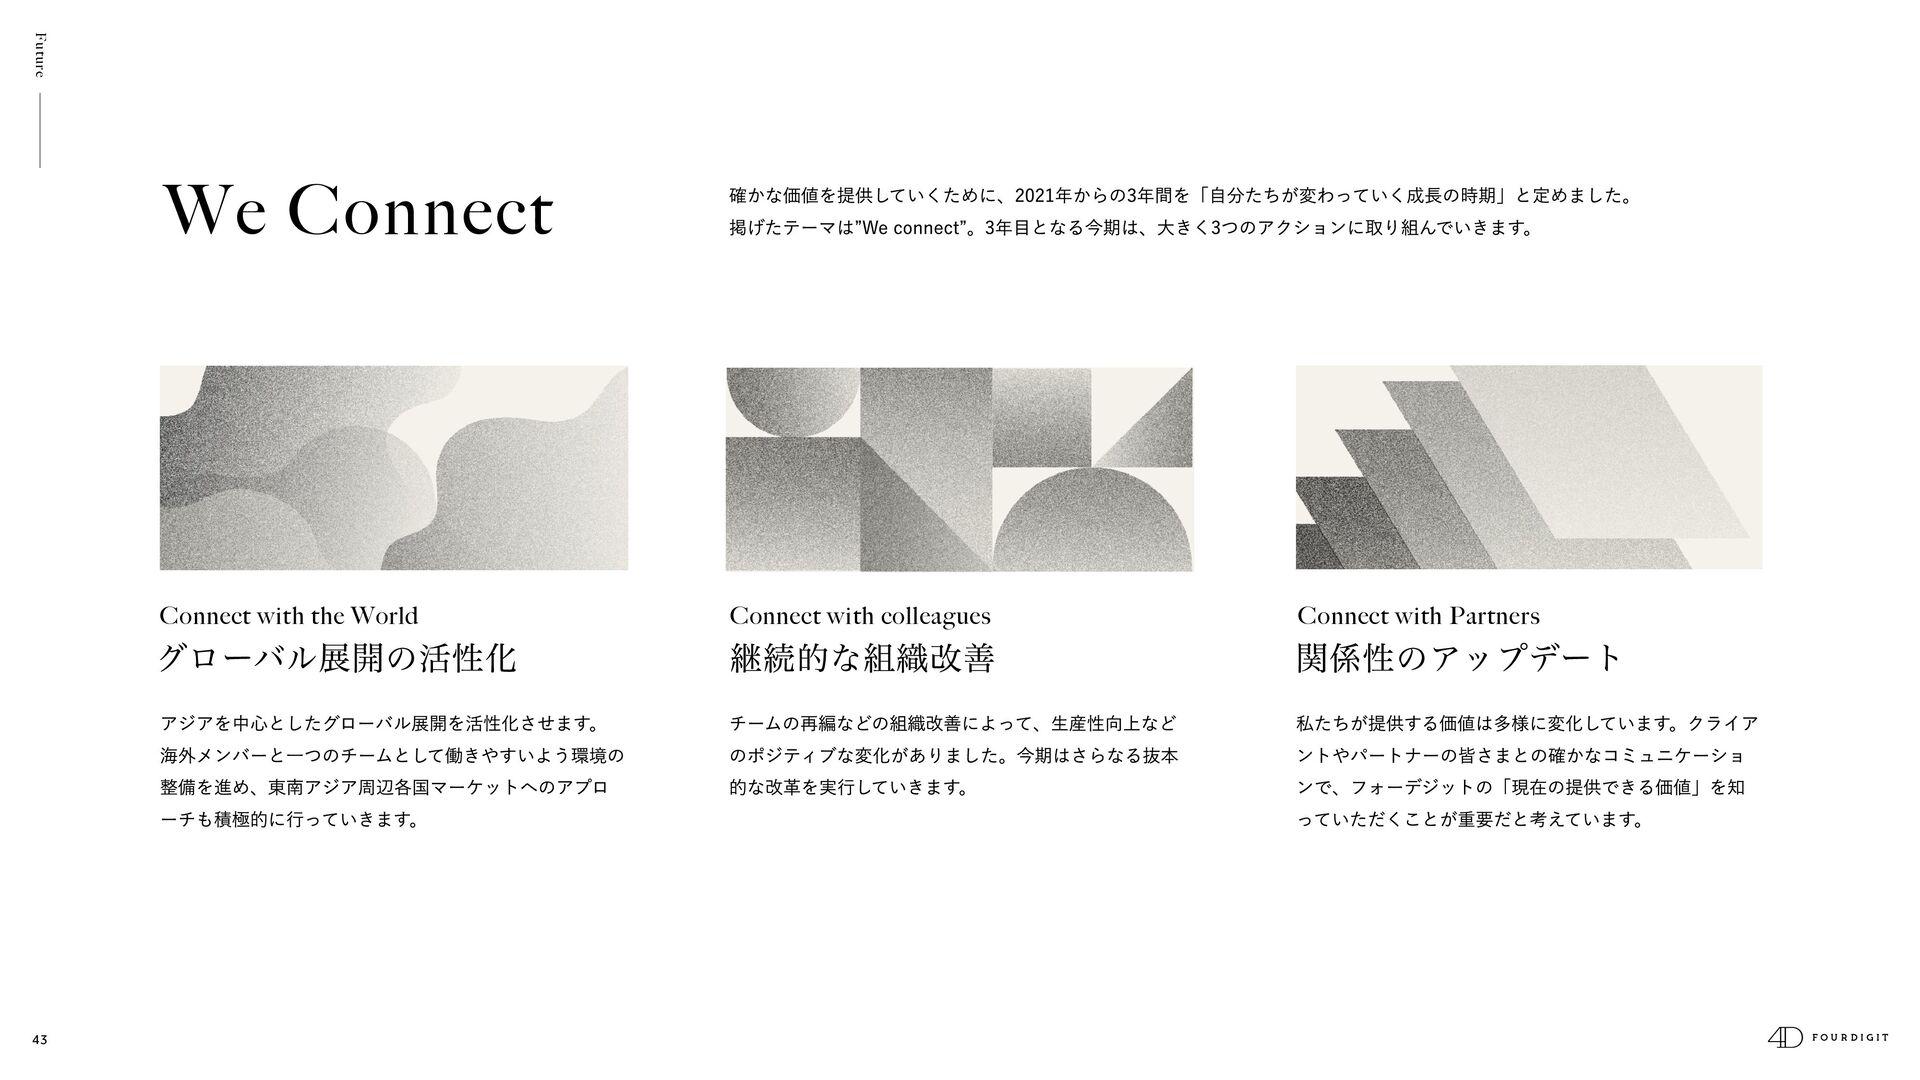 43 Future 沖縄・シングルマザー活躍推進プログラム 沖縄のシングルマザーへ向けたWeb...